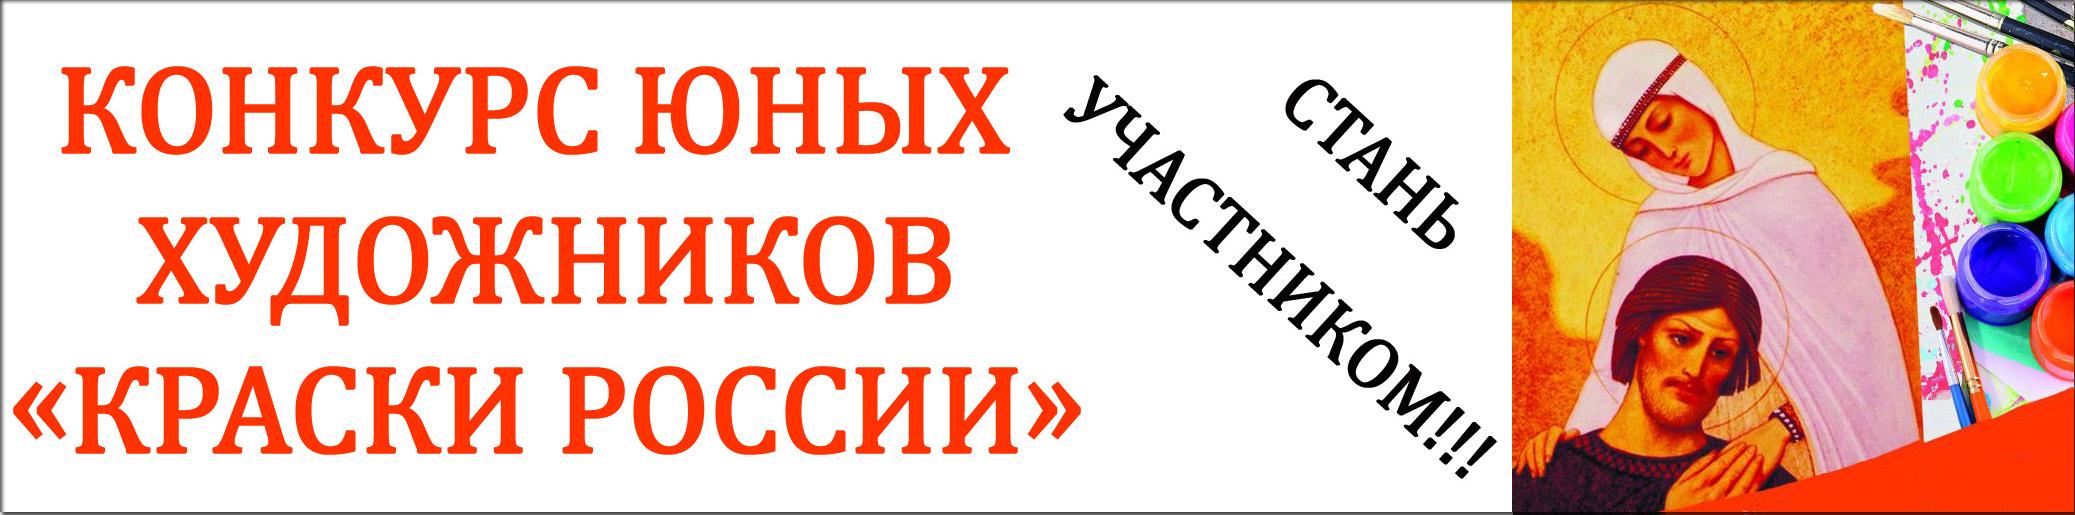 Конкурс краски России